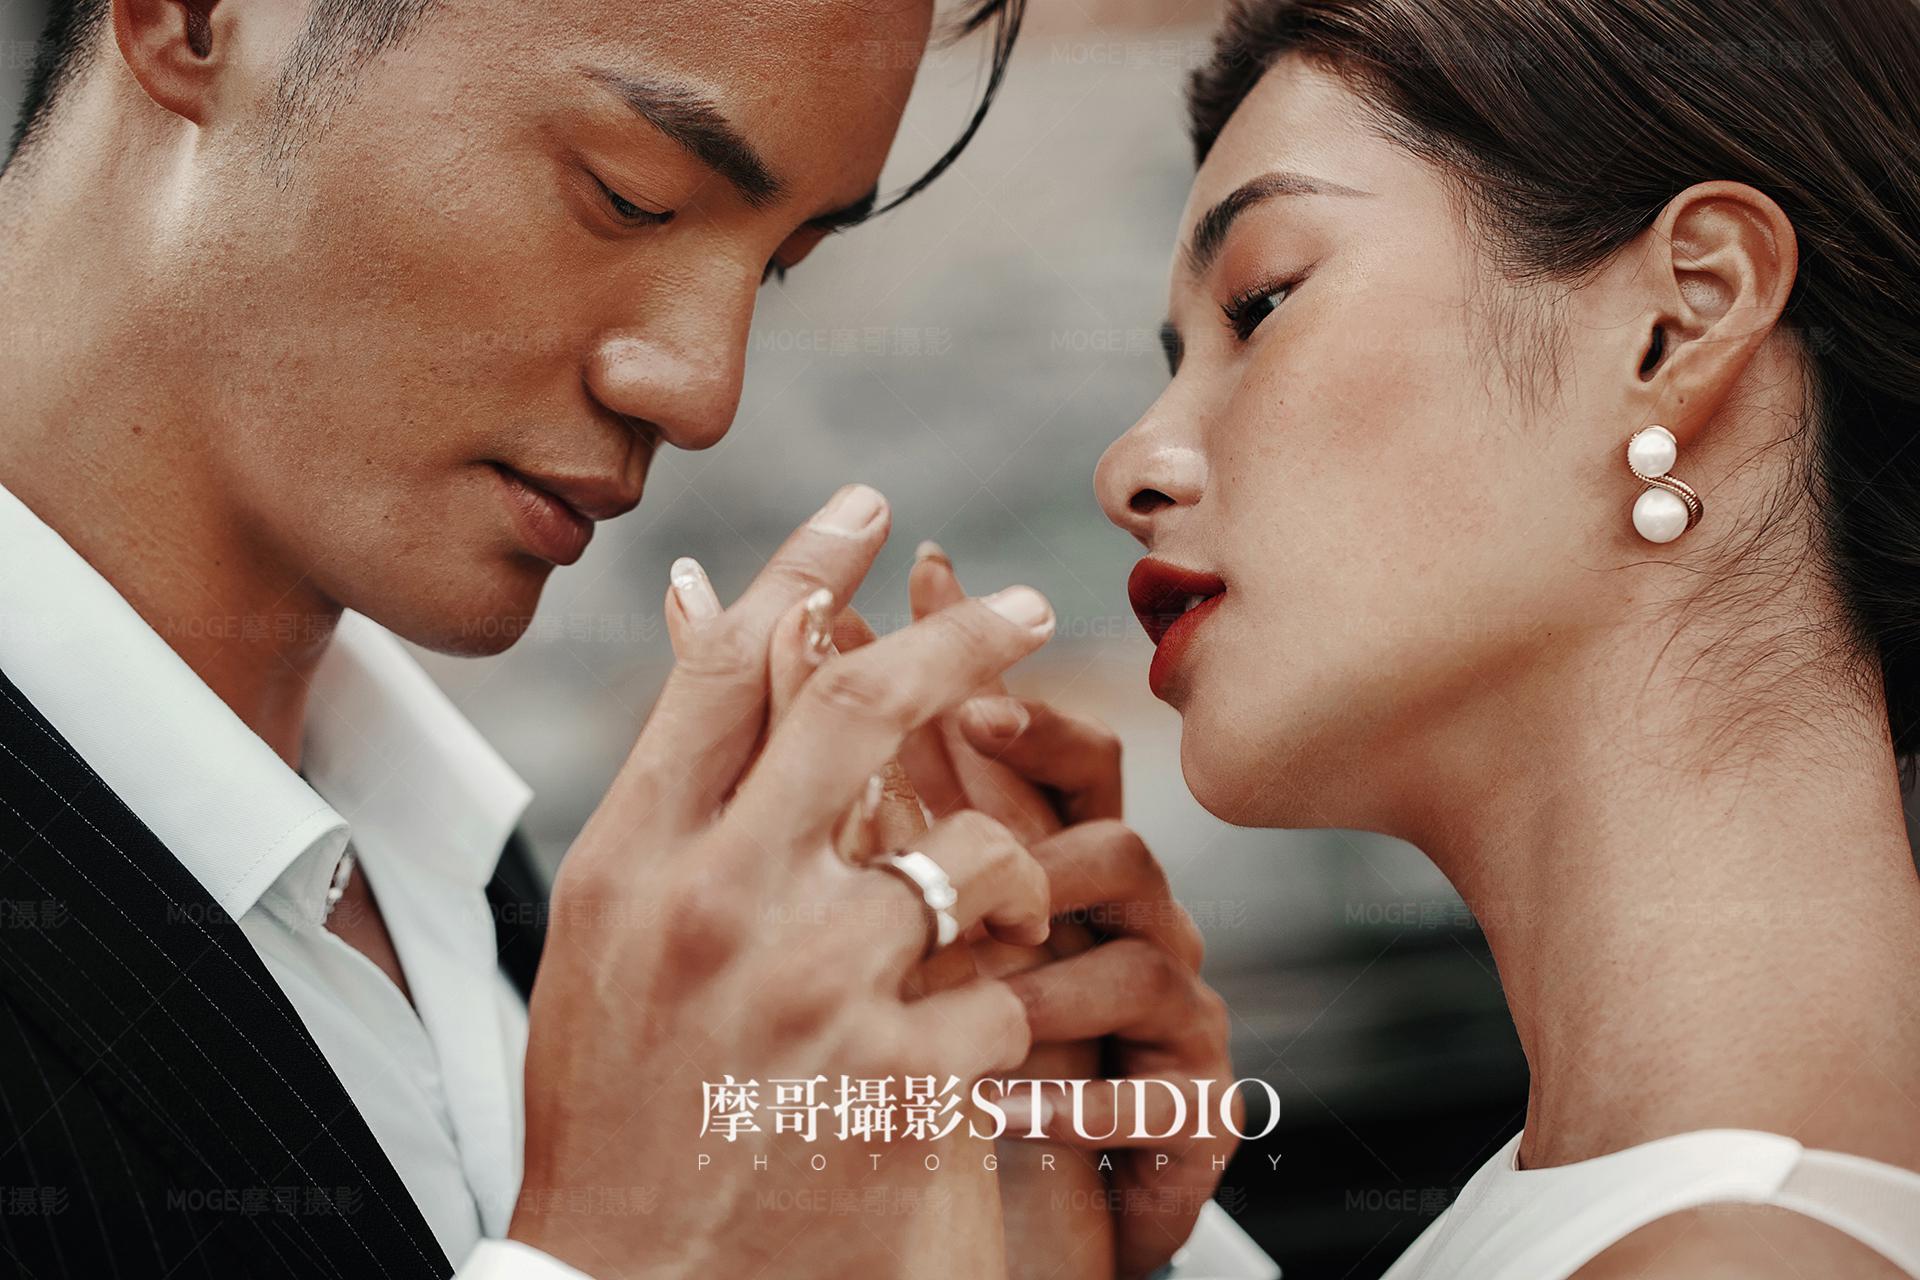 郑州婚纱摄影工作室,拍好婚纱照的6个技巧